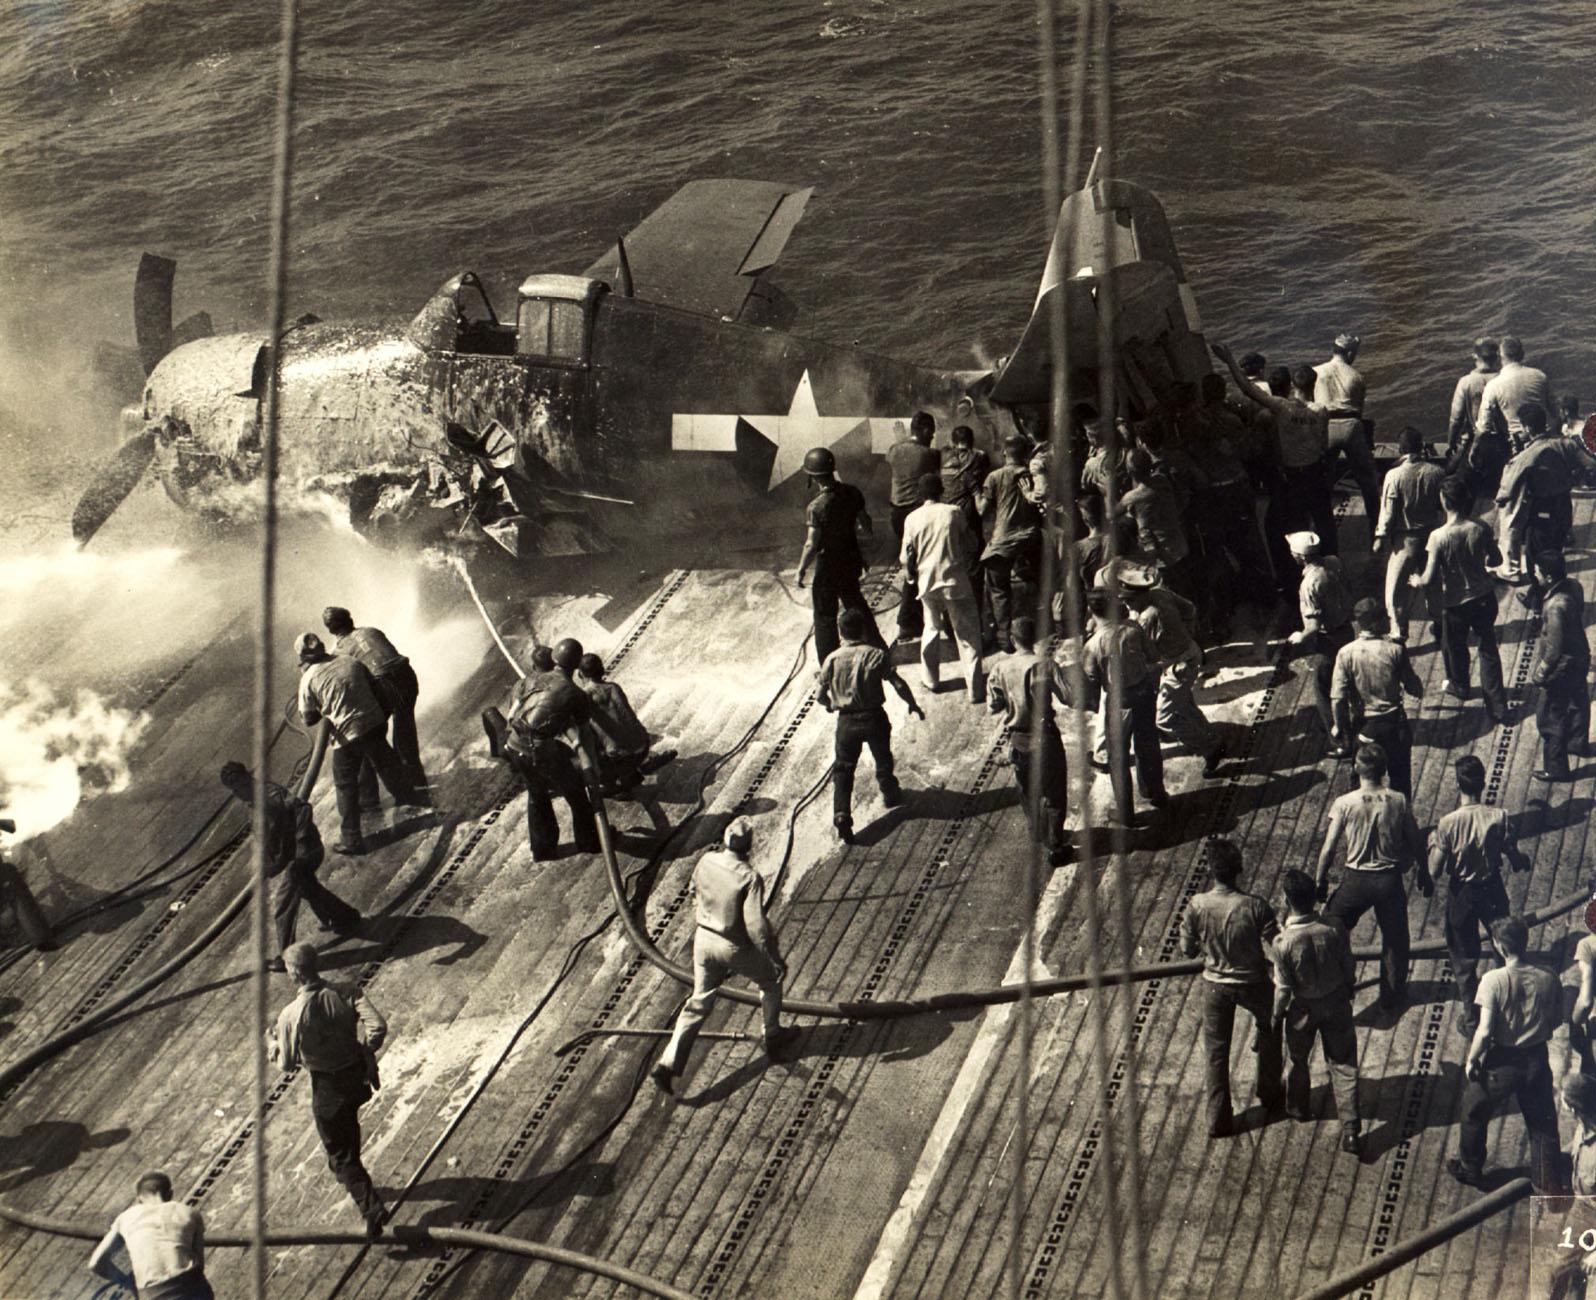 Grumman F6F 5 Hellcat VF 21 flight deck accident CVL 24 USS Belleau Wood 6th Oct 1943 01